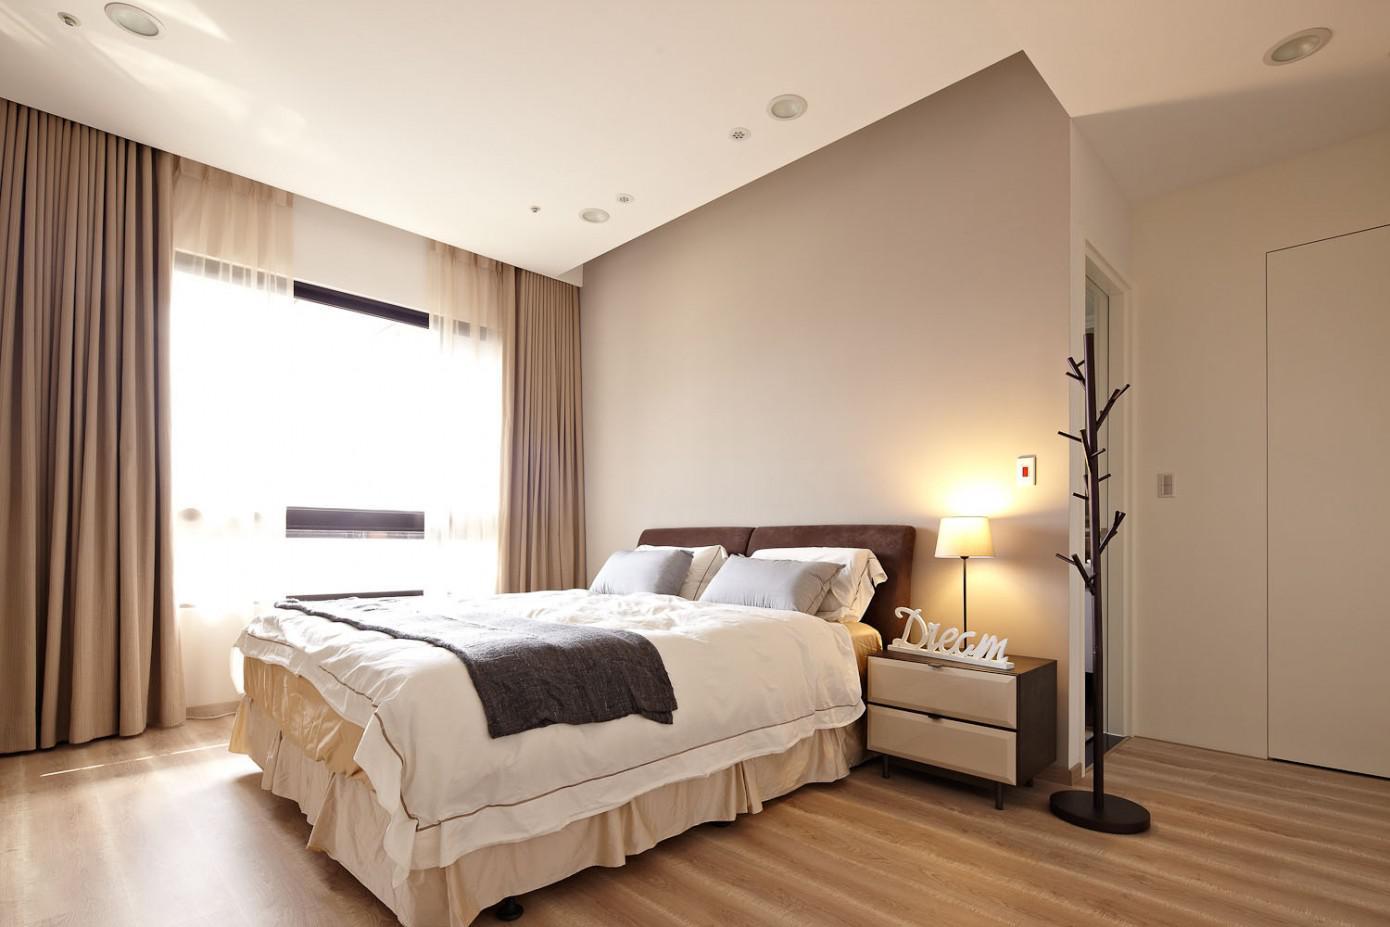 Бежевые стены и пол в спальне